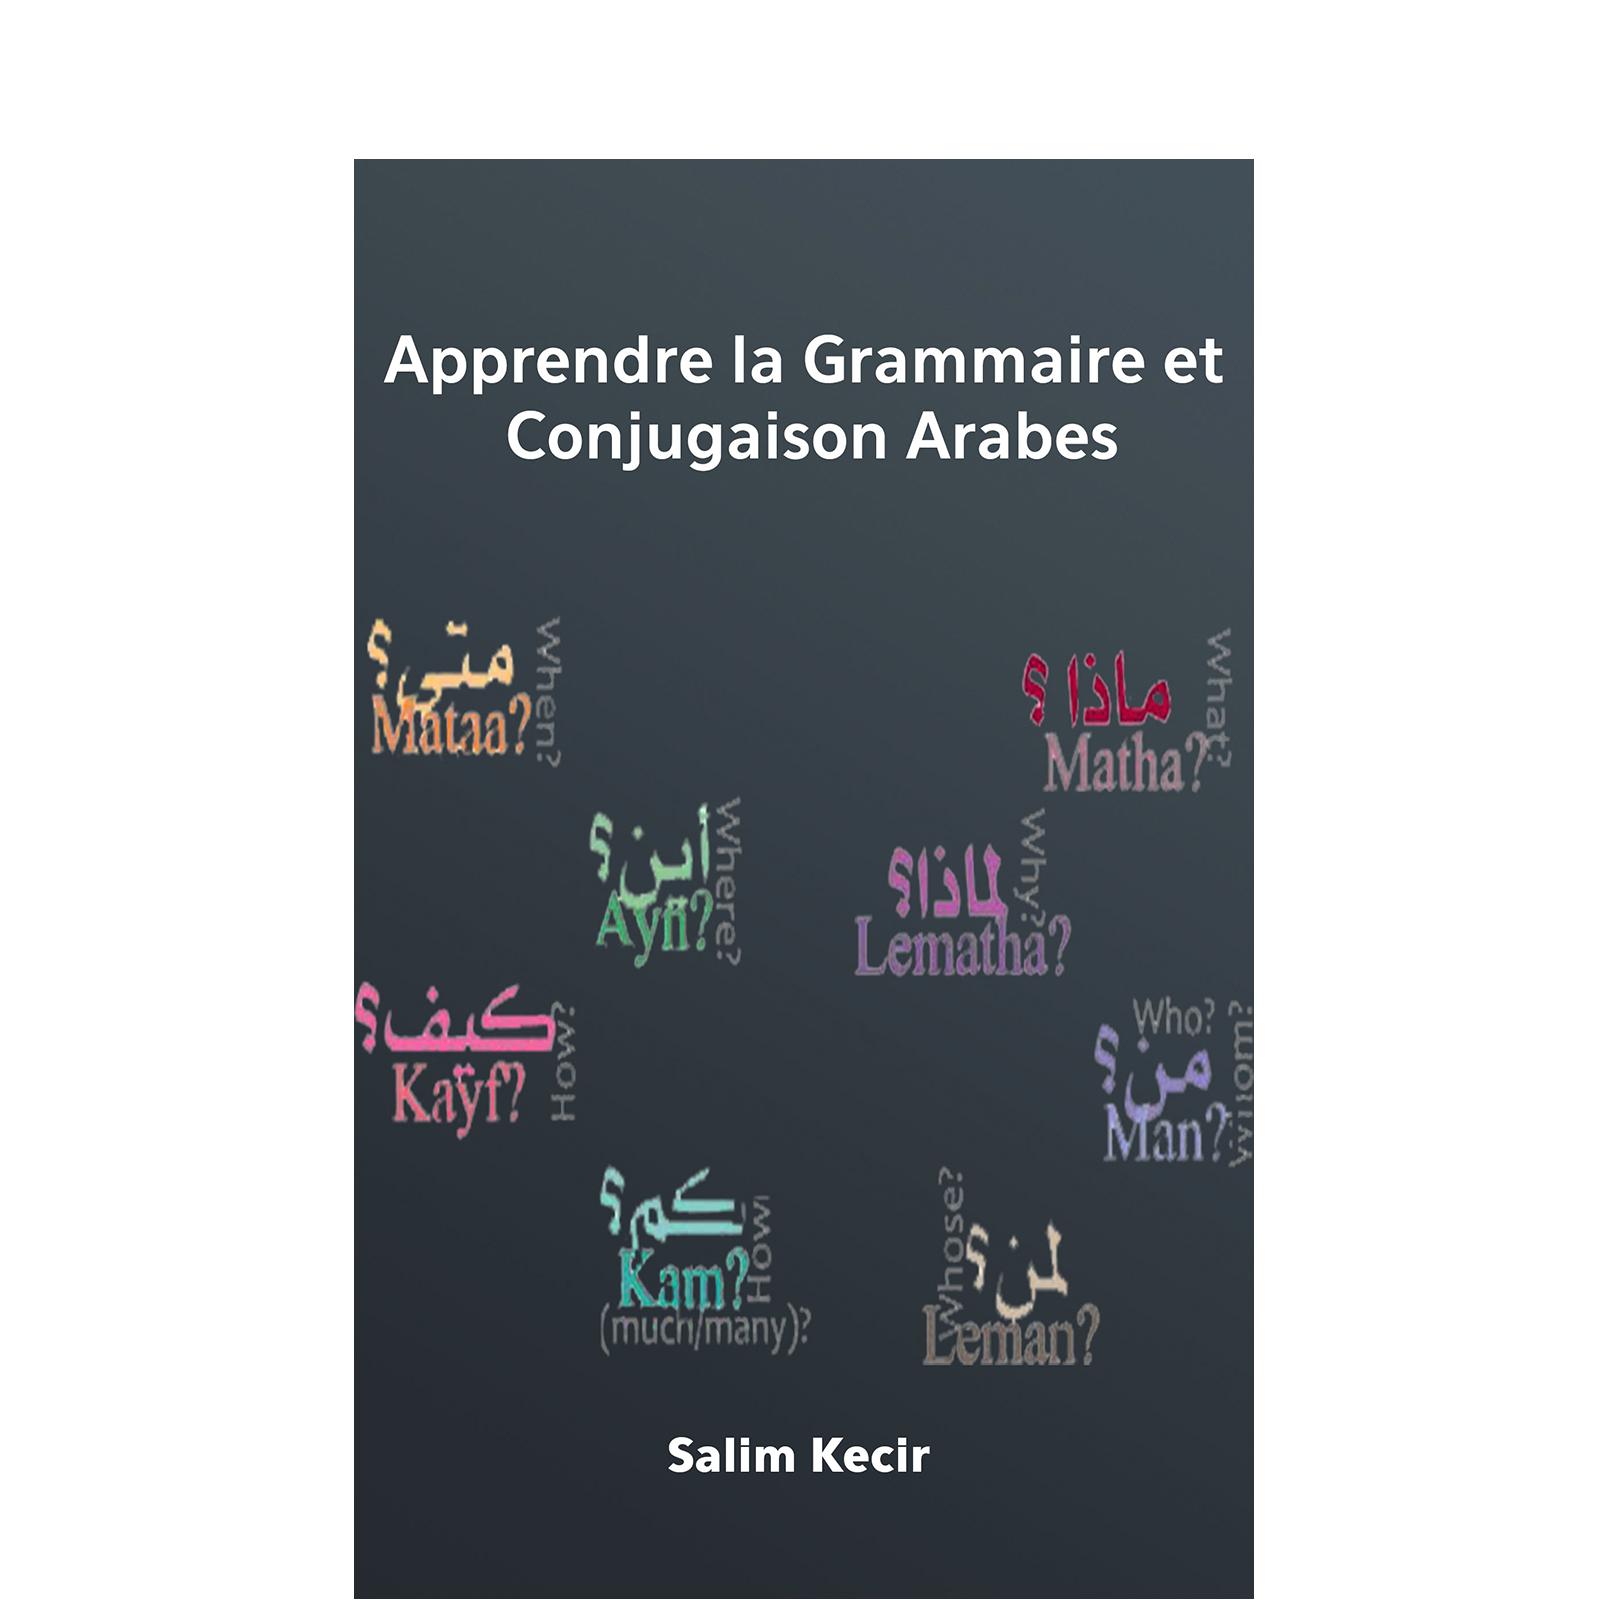 Grammaire Arabe